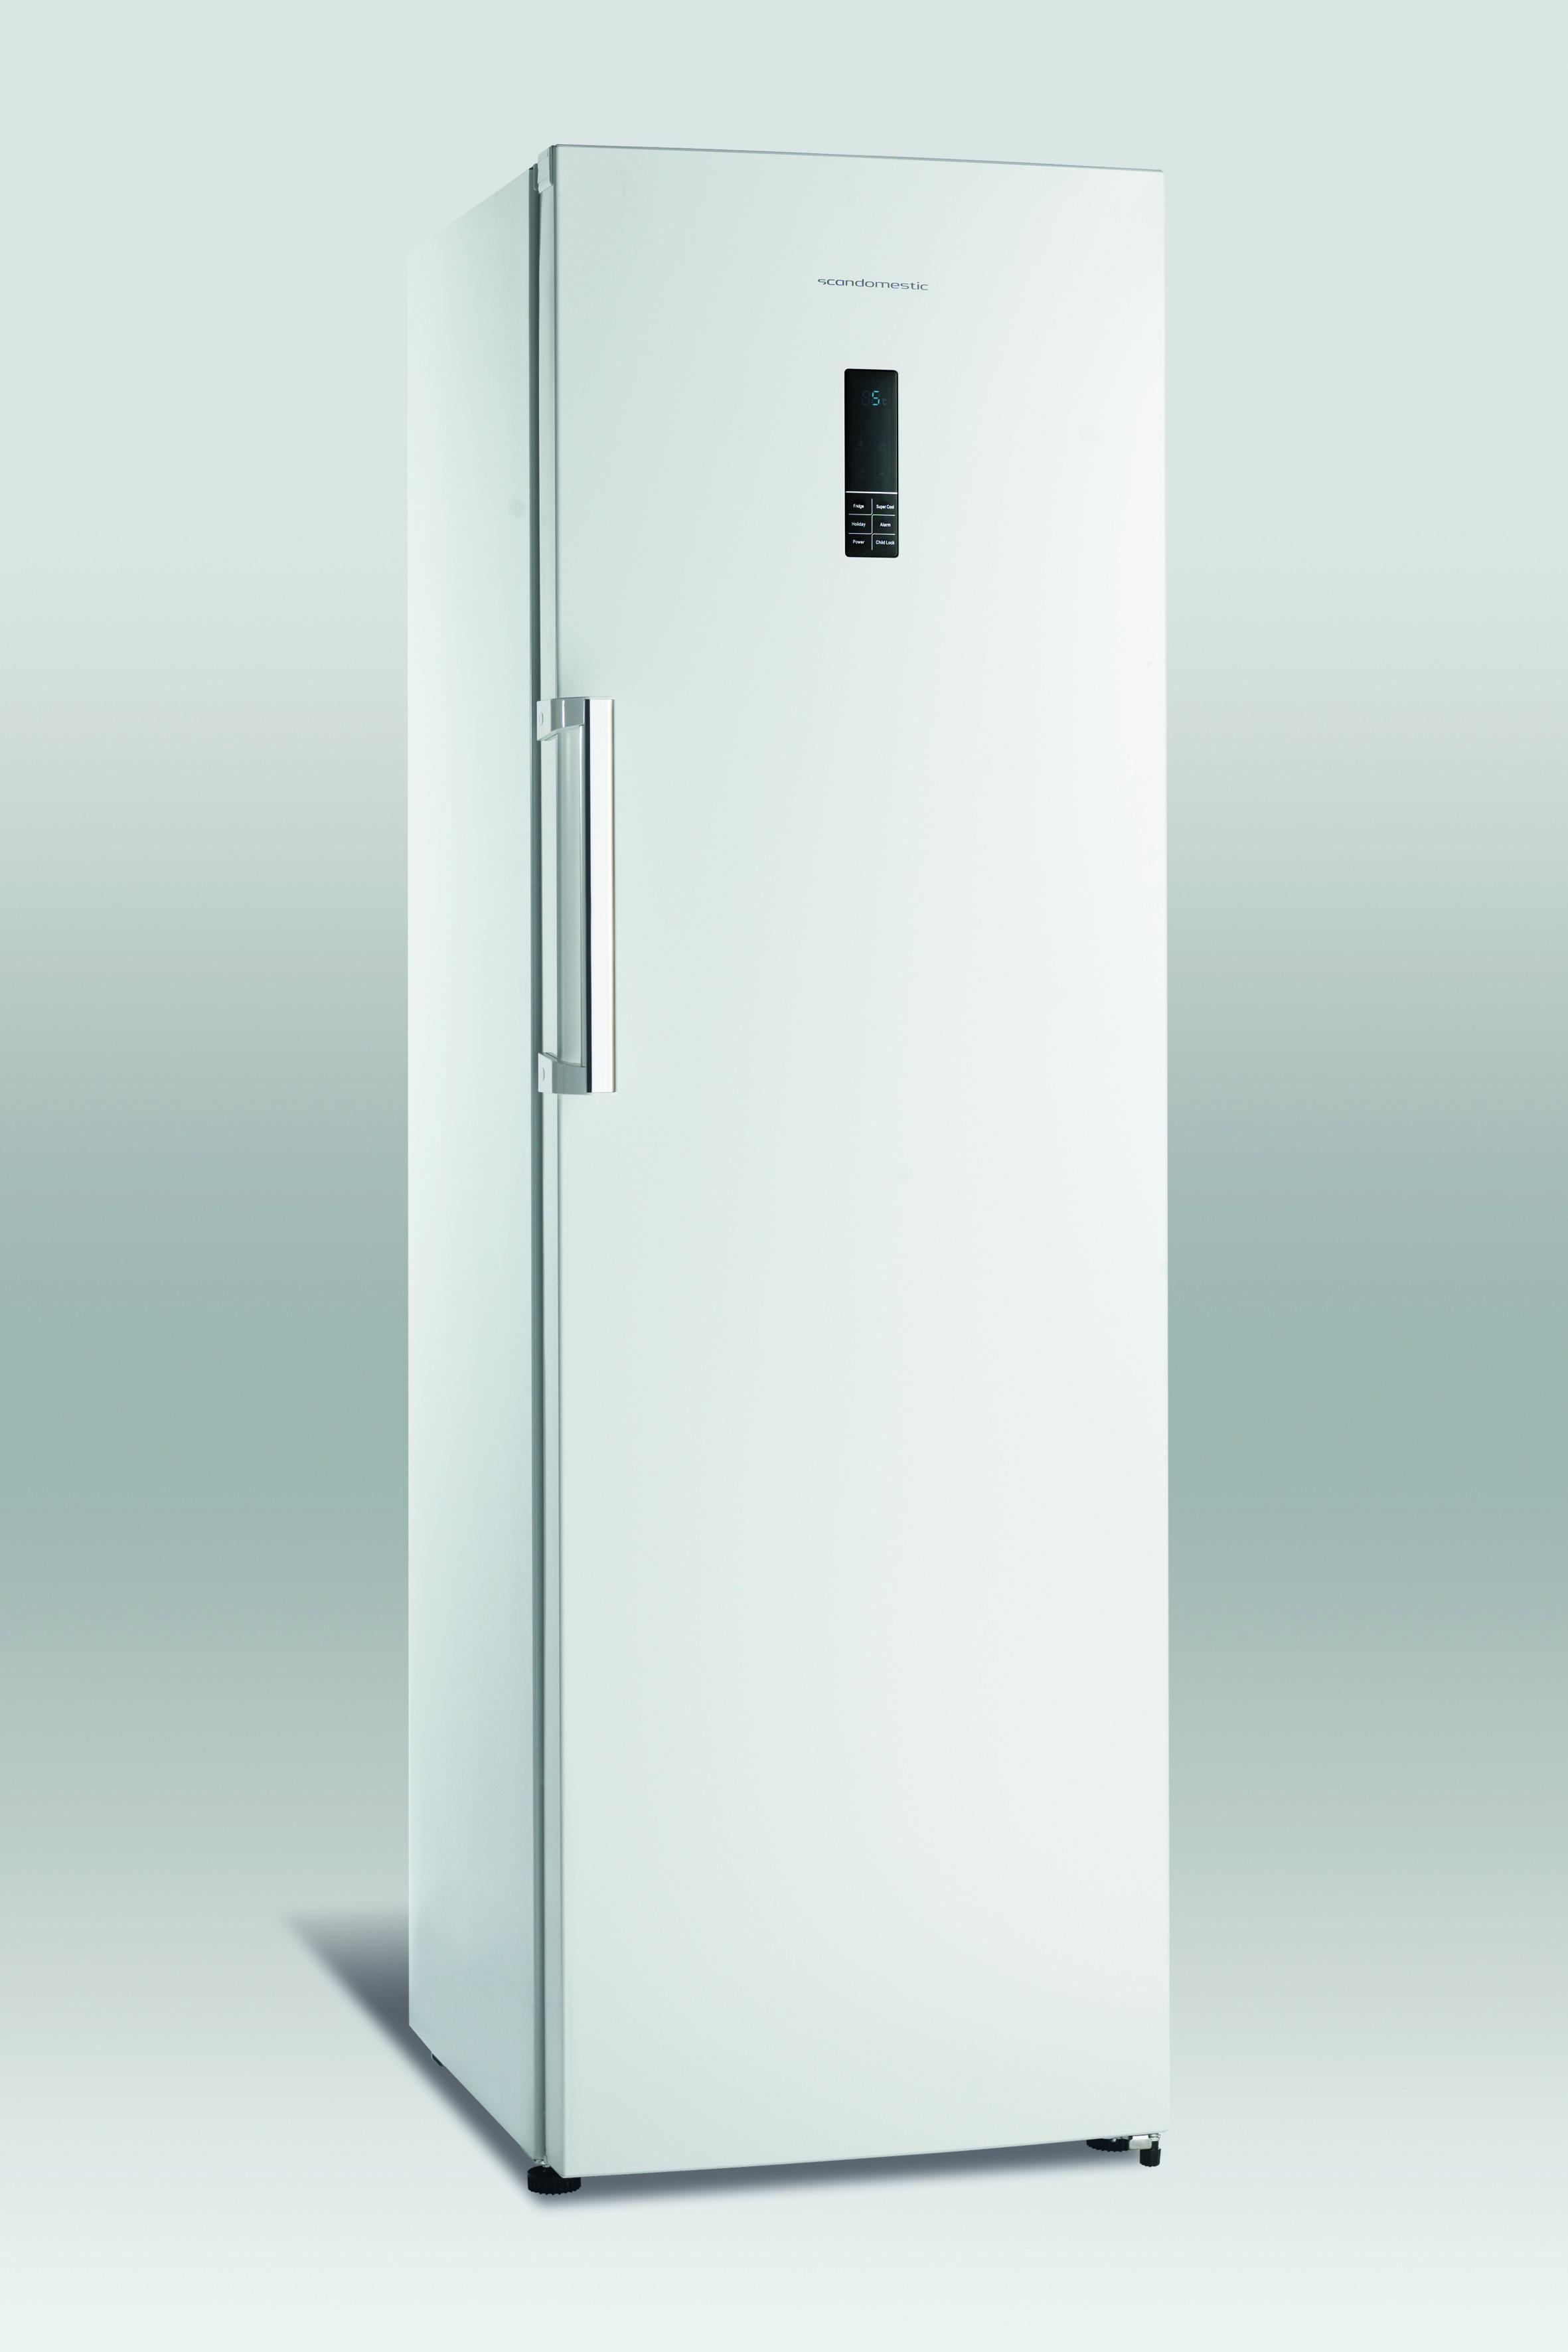 Külmik Scancool SKS450A++